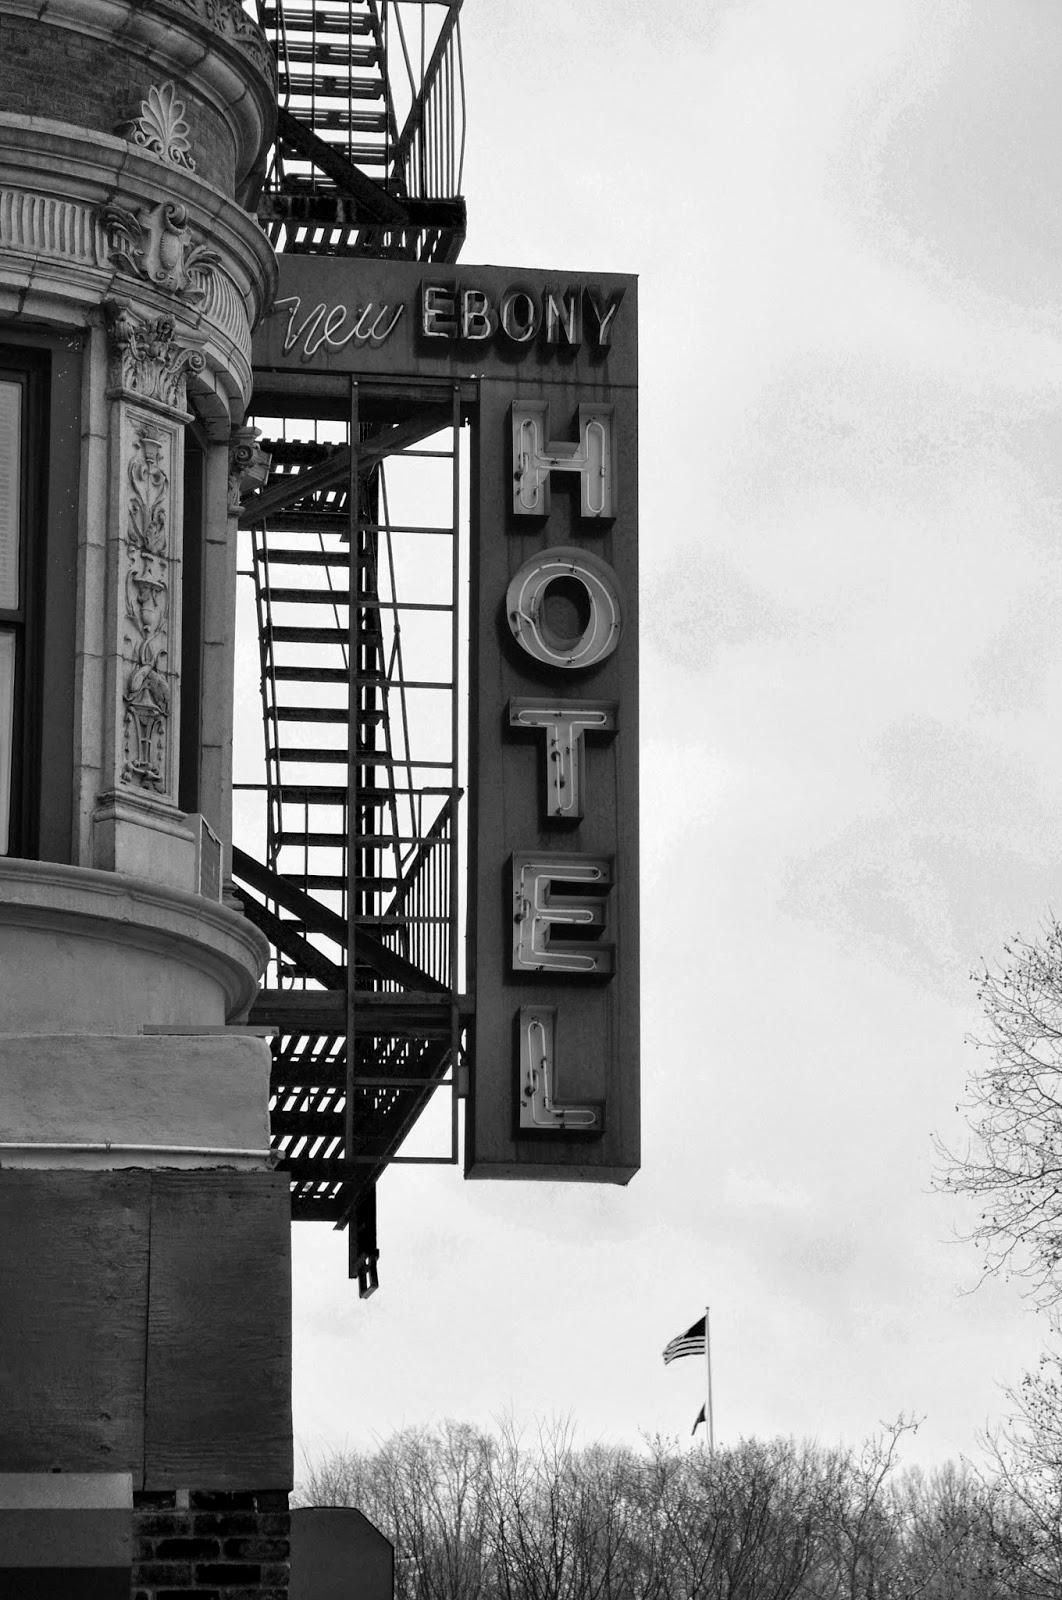 New ebony hotel